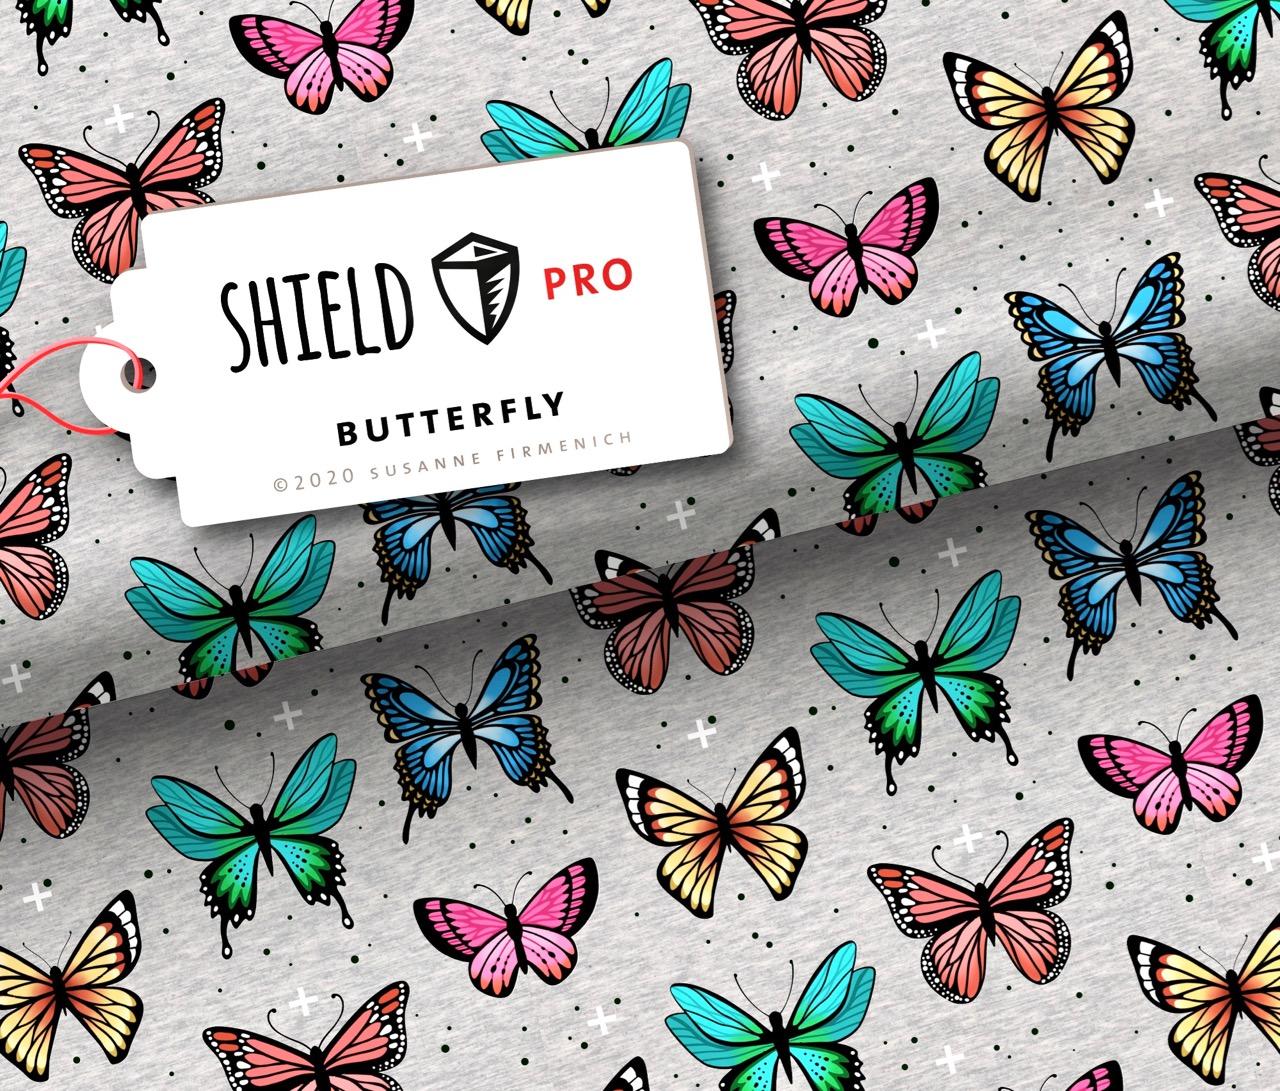 Shield Pro - Butterfly von Hamburger Liebe & Albstoffe - antimikrobiell für Atem-und Mundmasken!